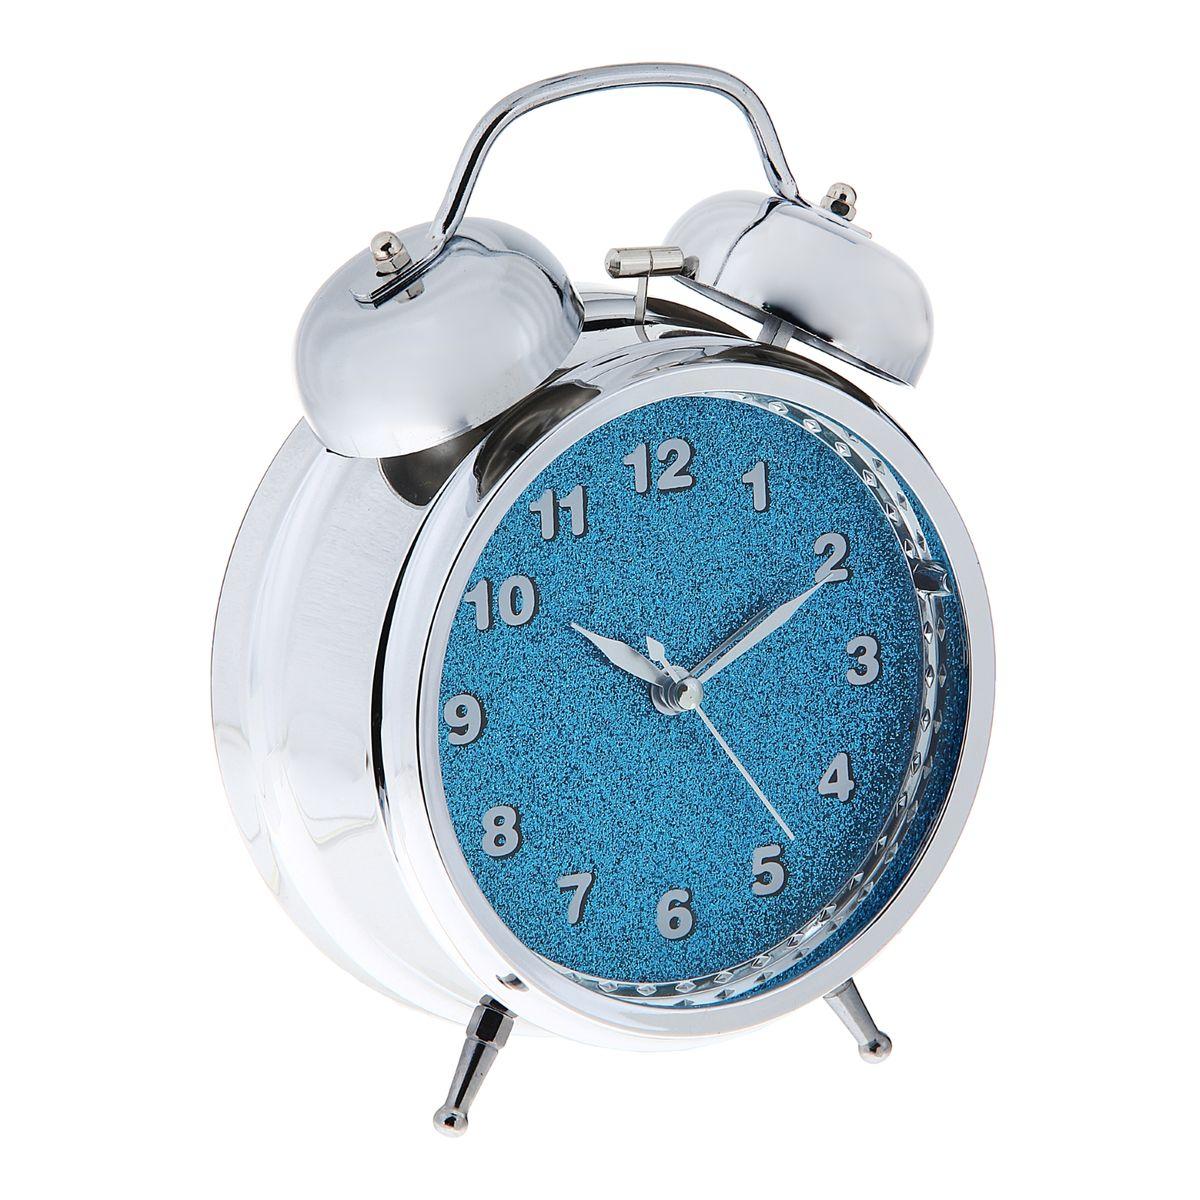 Часы-будильник Sima-land, цвет: серебристый, синий. 10564191056419Как же сложно иногда вставать вовремя! Всегда так хочется поспать еще хотя бы 5 минут и бывает, что мы просыпаем. Теперь этого не случится! Яркий, оригинальный будильник Sima-land поможет вам всегда вставать в нужное время и успевать везде и всюду. Будильник украсит вашу комнату и приведет в восхищение друзей. На задней панели будильника расположены переключатель включения/выключения механизма, а также два колесика для настройки текущего времени и времени звонка будильника. Также будильник оснащен кнопкой, при нажатии и удержании которой подсвечивается циферблат. Будильник работает от 3 батареек типа АА (не входят в комплект).